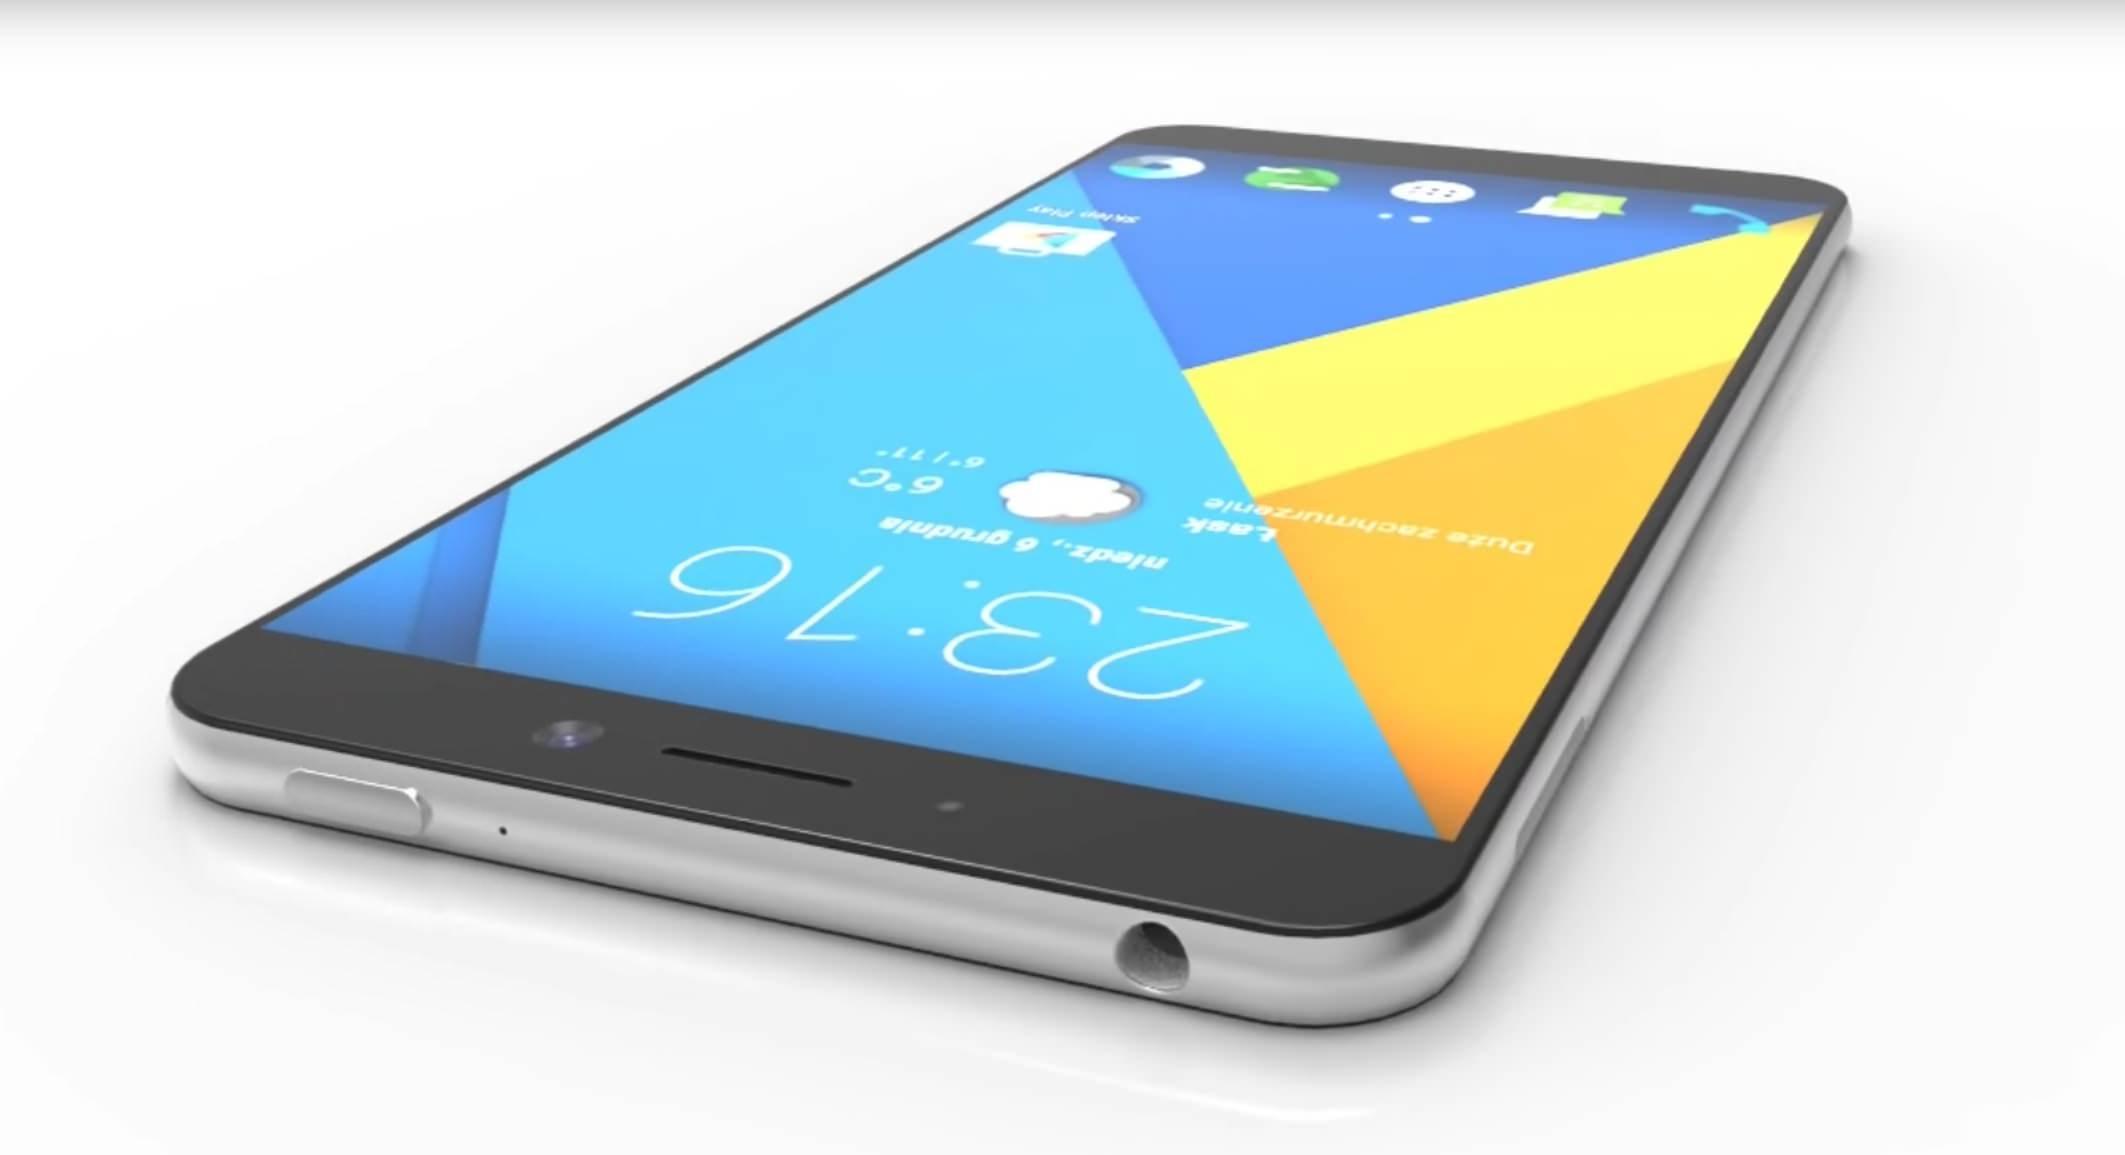 Nokia C1 4